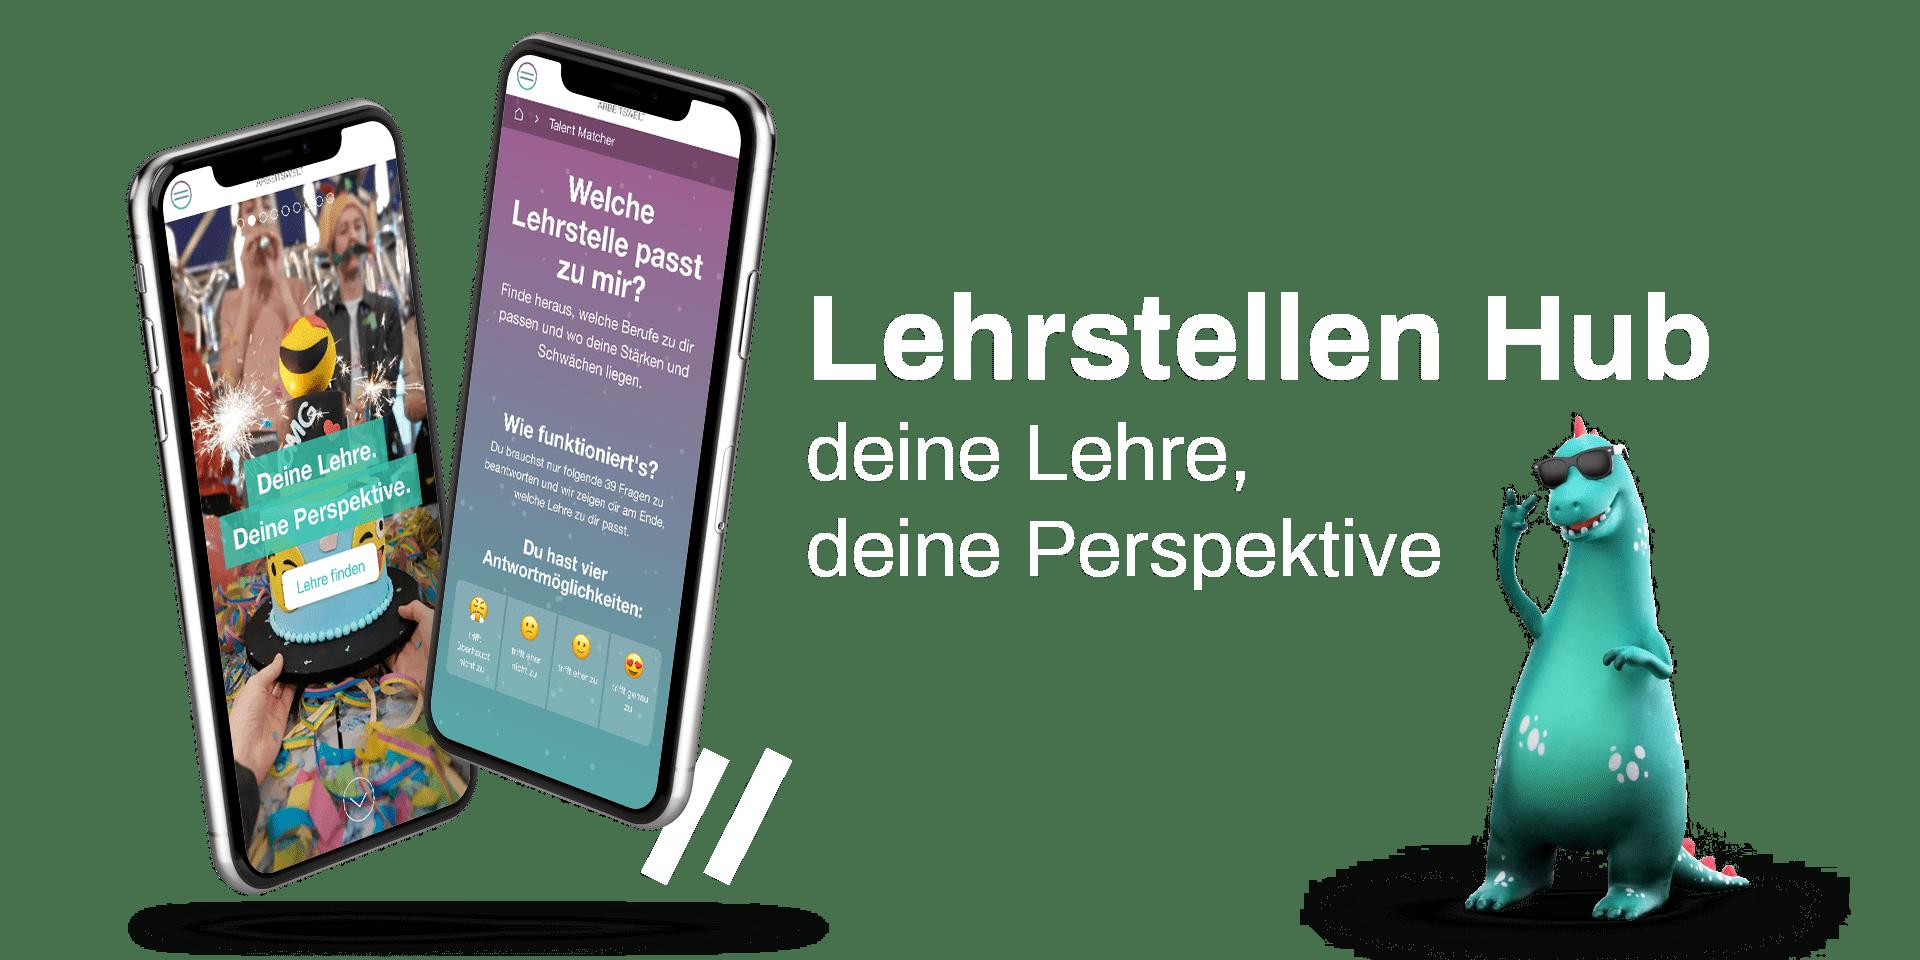 lehrstellen-hub_hero_de-1.png